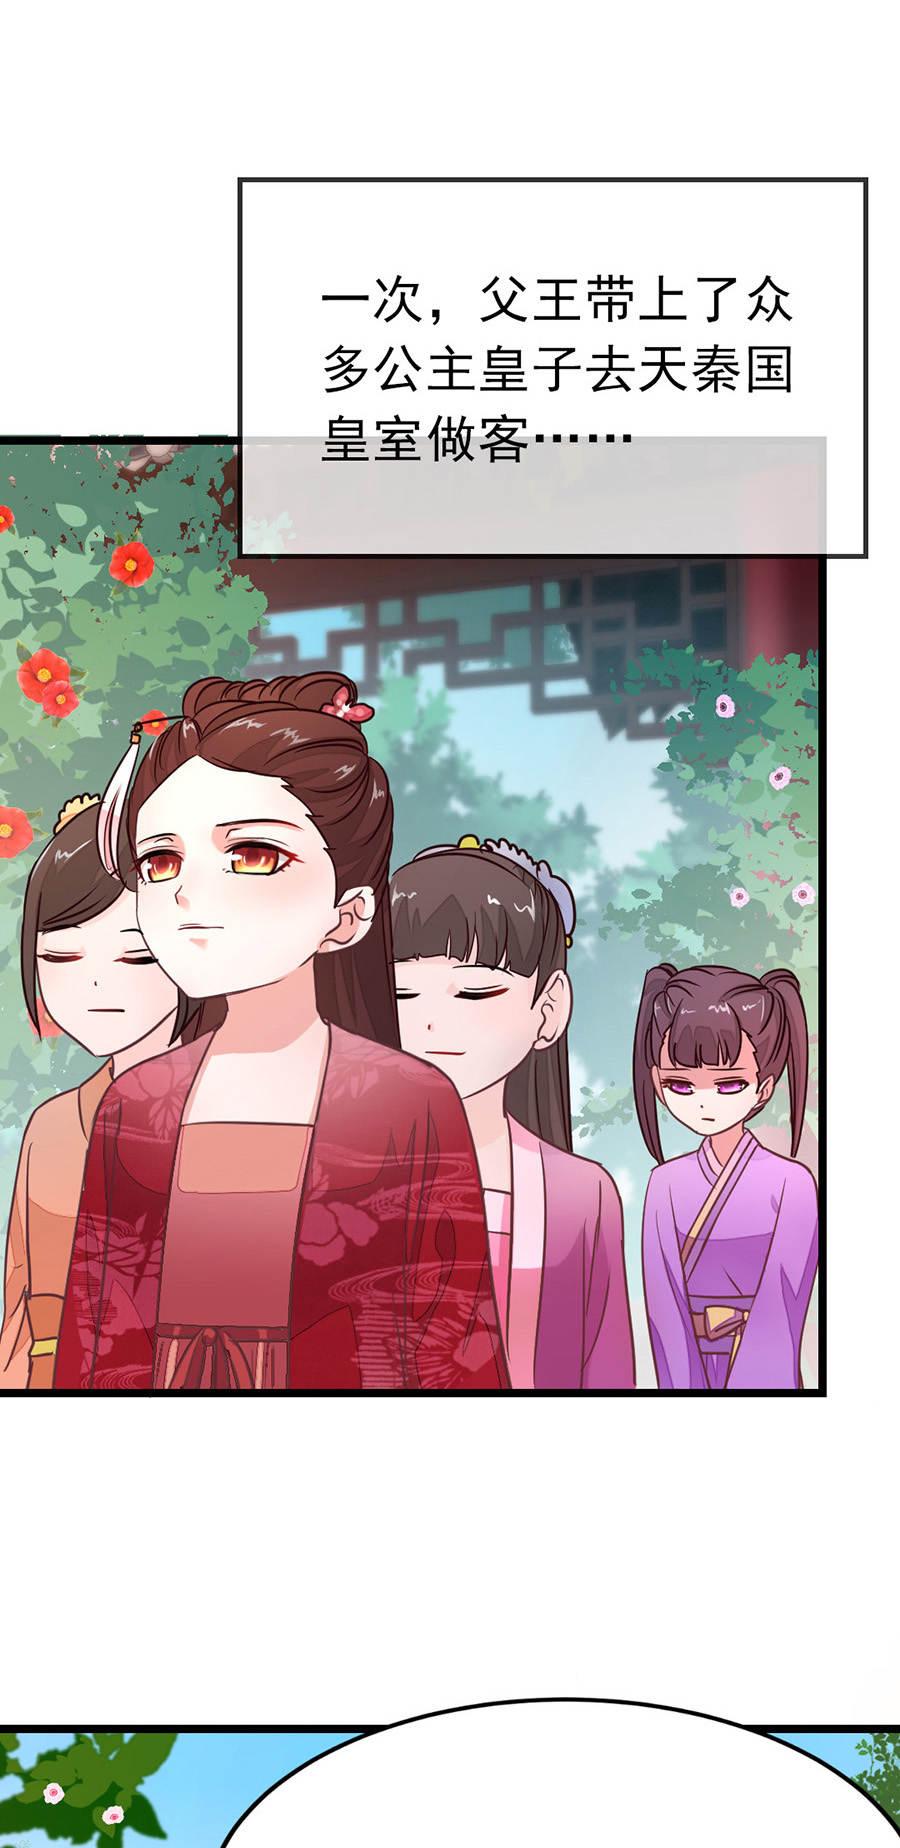 九阳神王第74话  番外:齐美莲 第 8